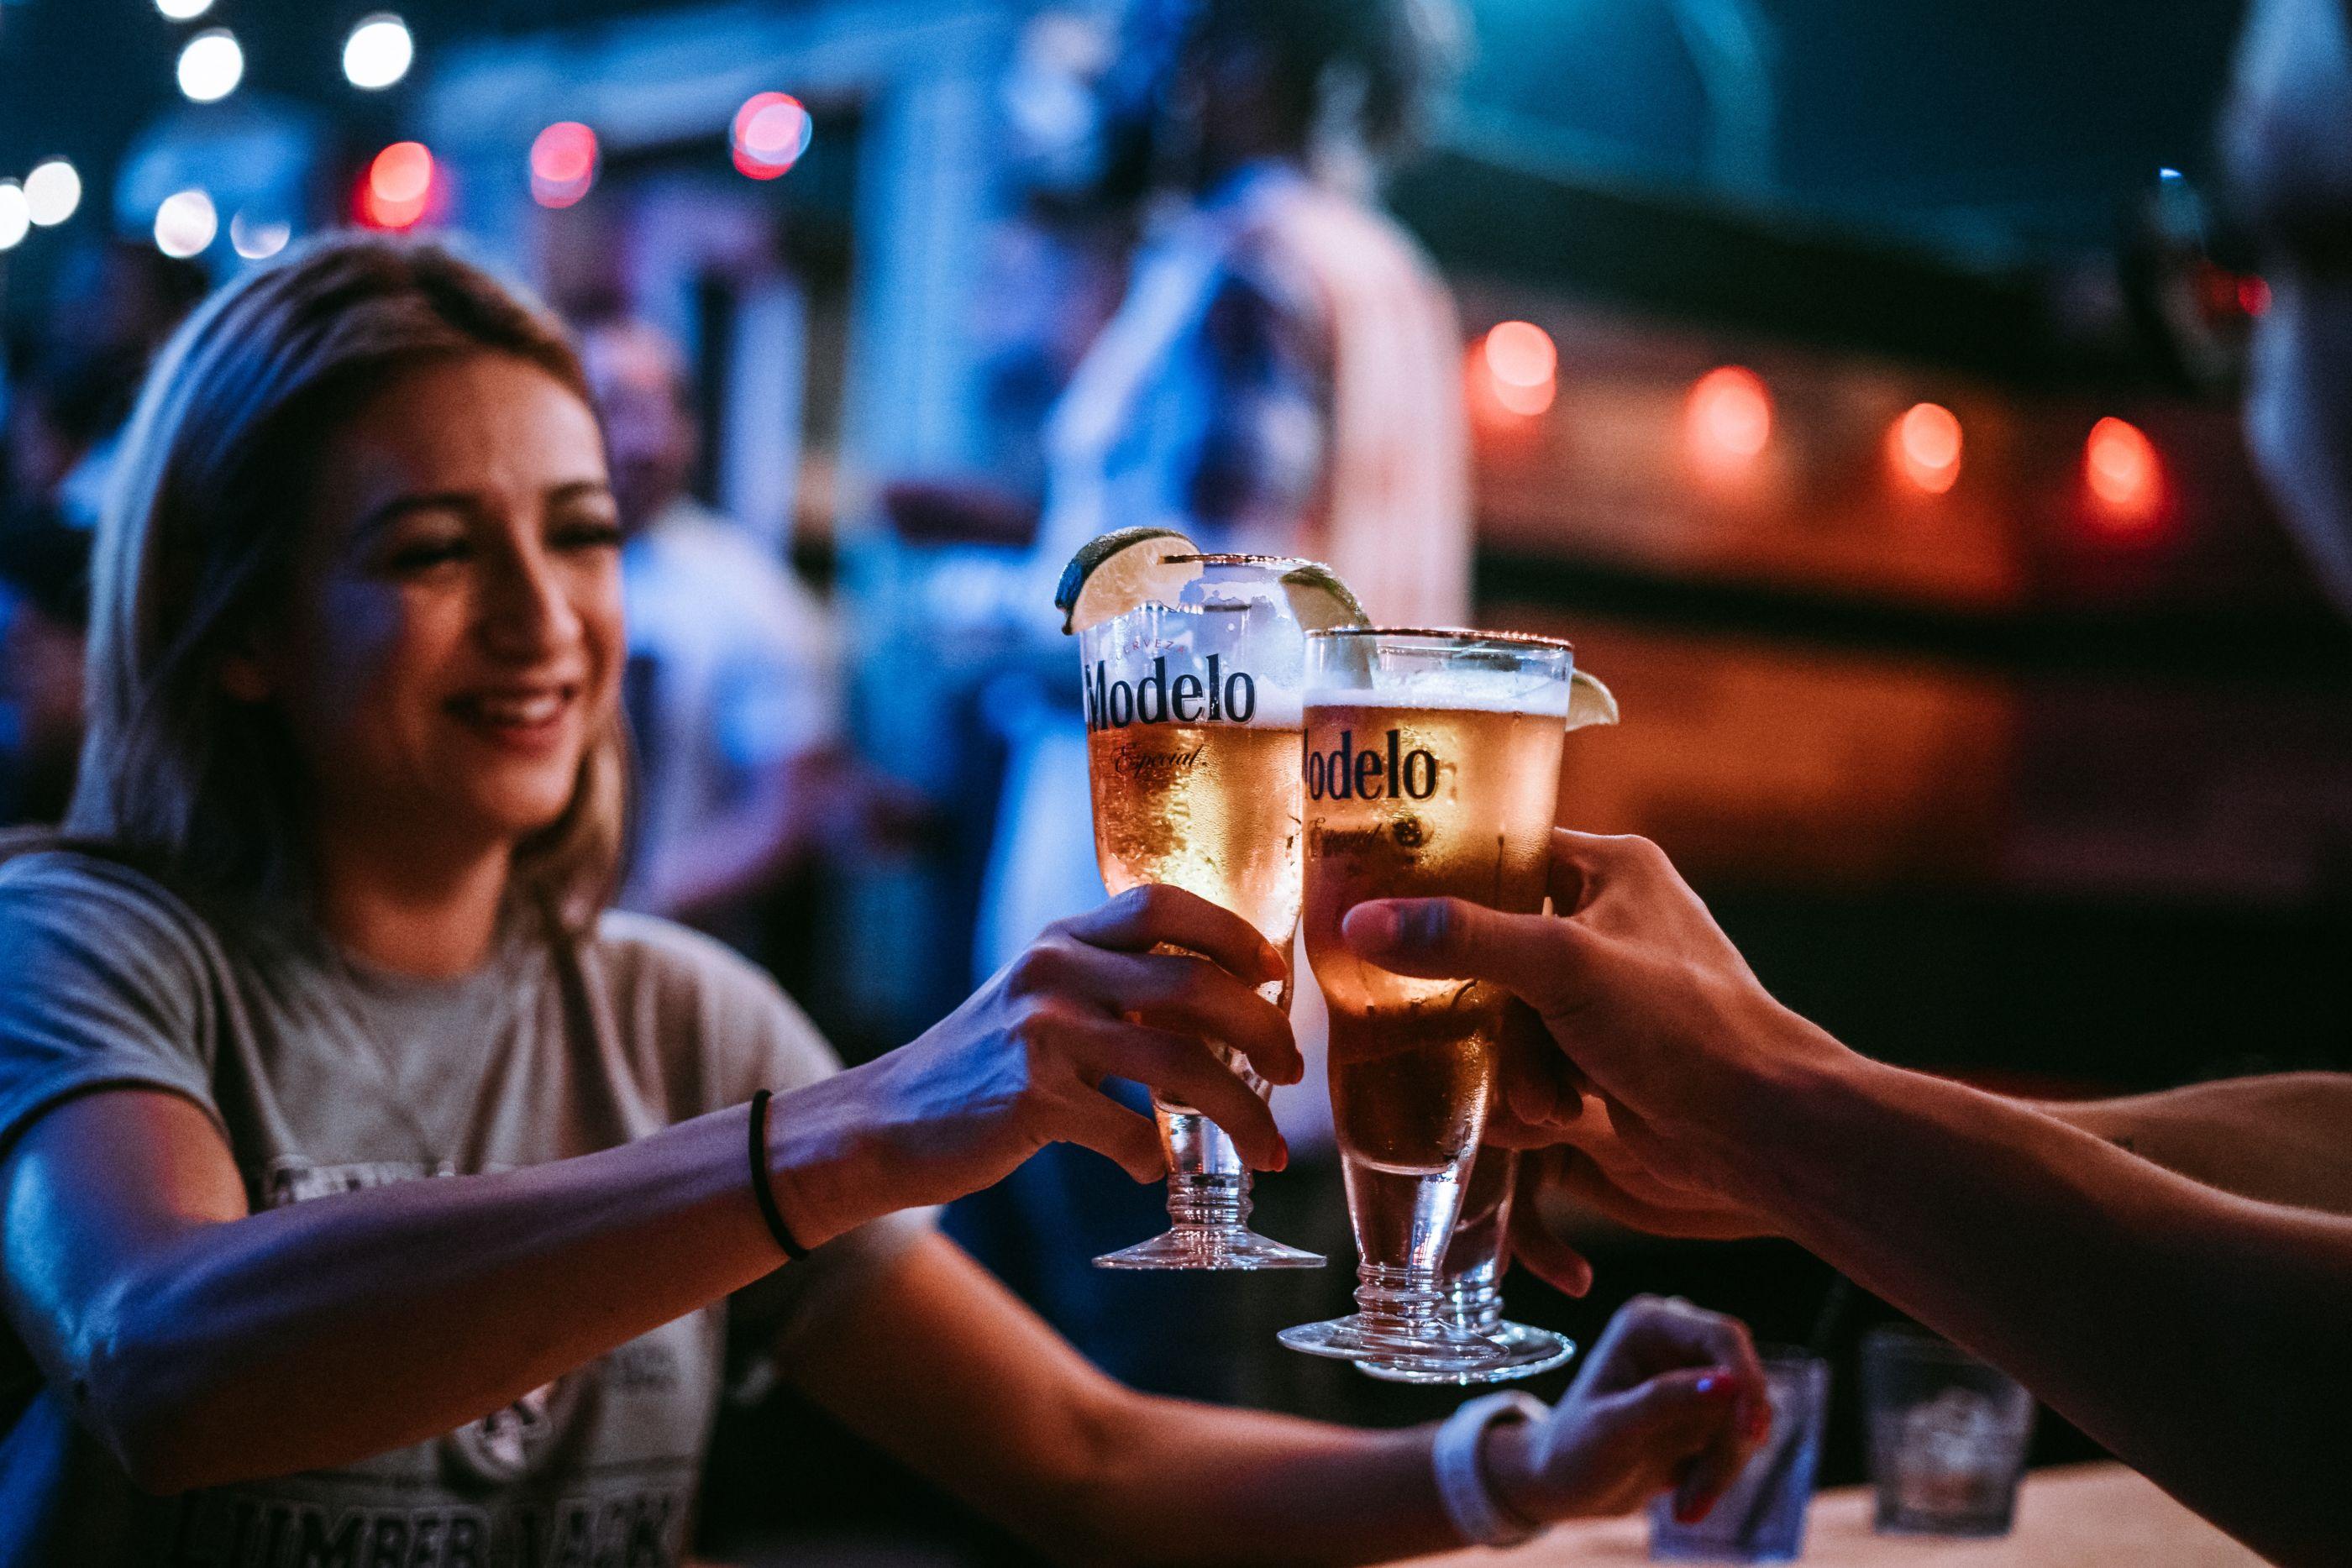 Cervecería Modelo lanzará una de edición especial con motivo de la cuarentena (tienes que probarla)